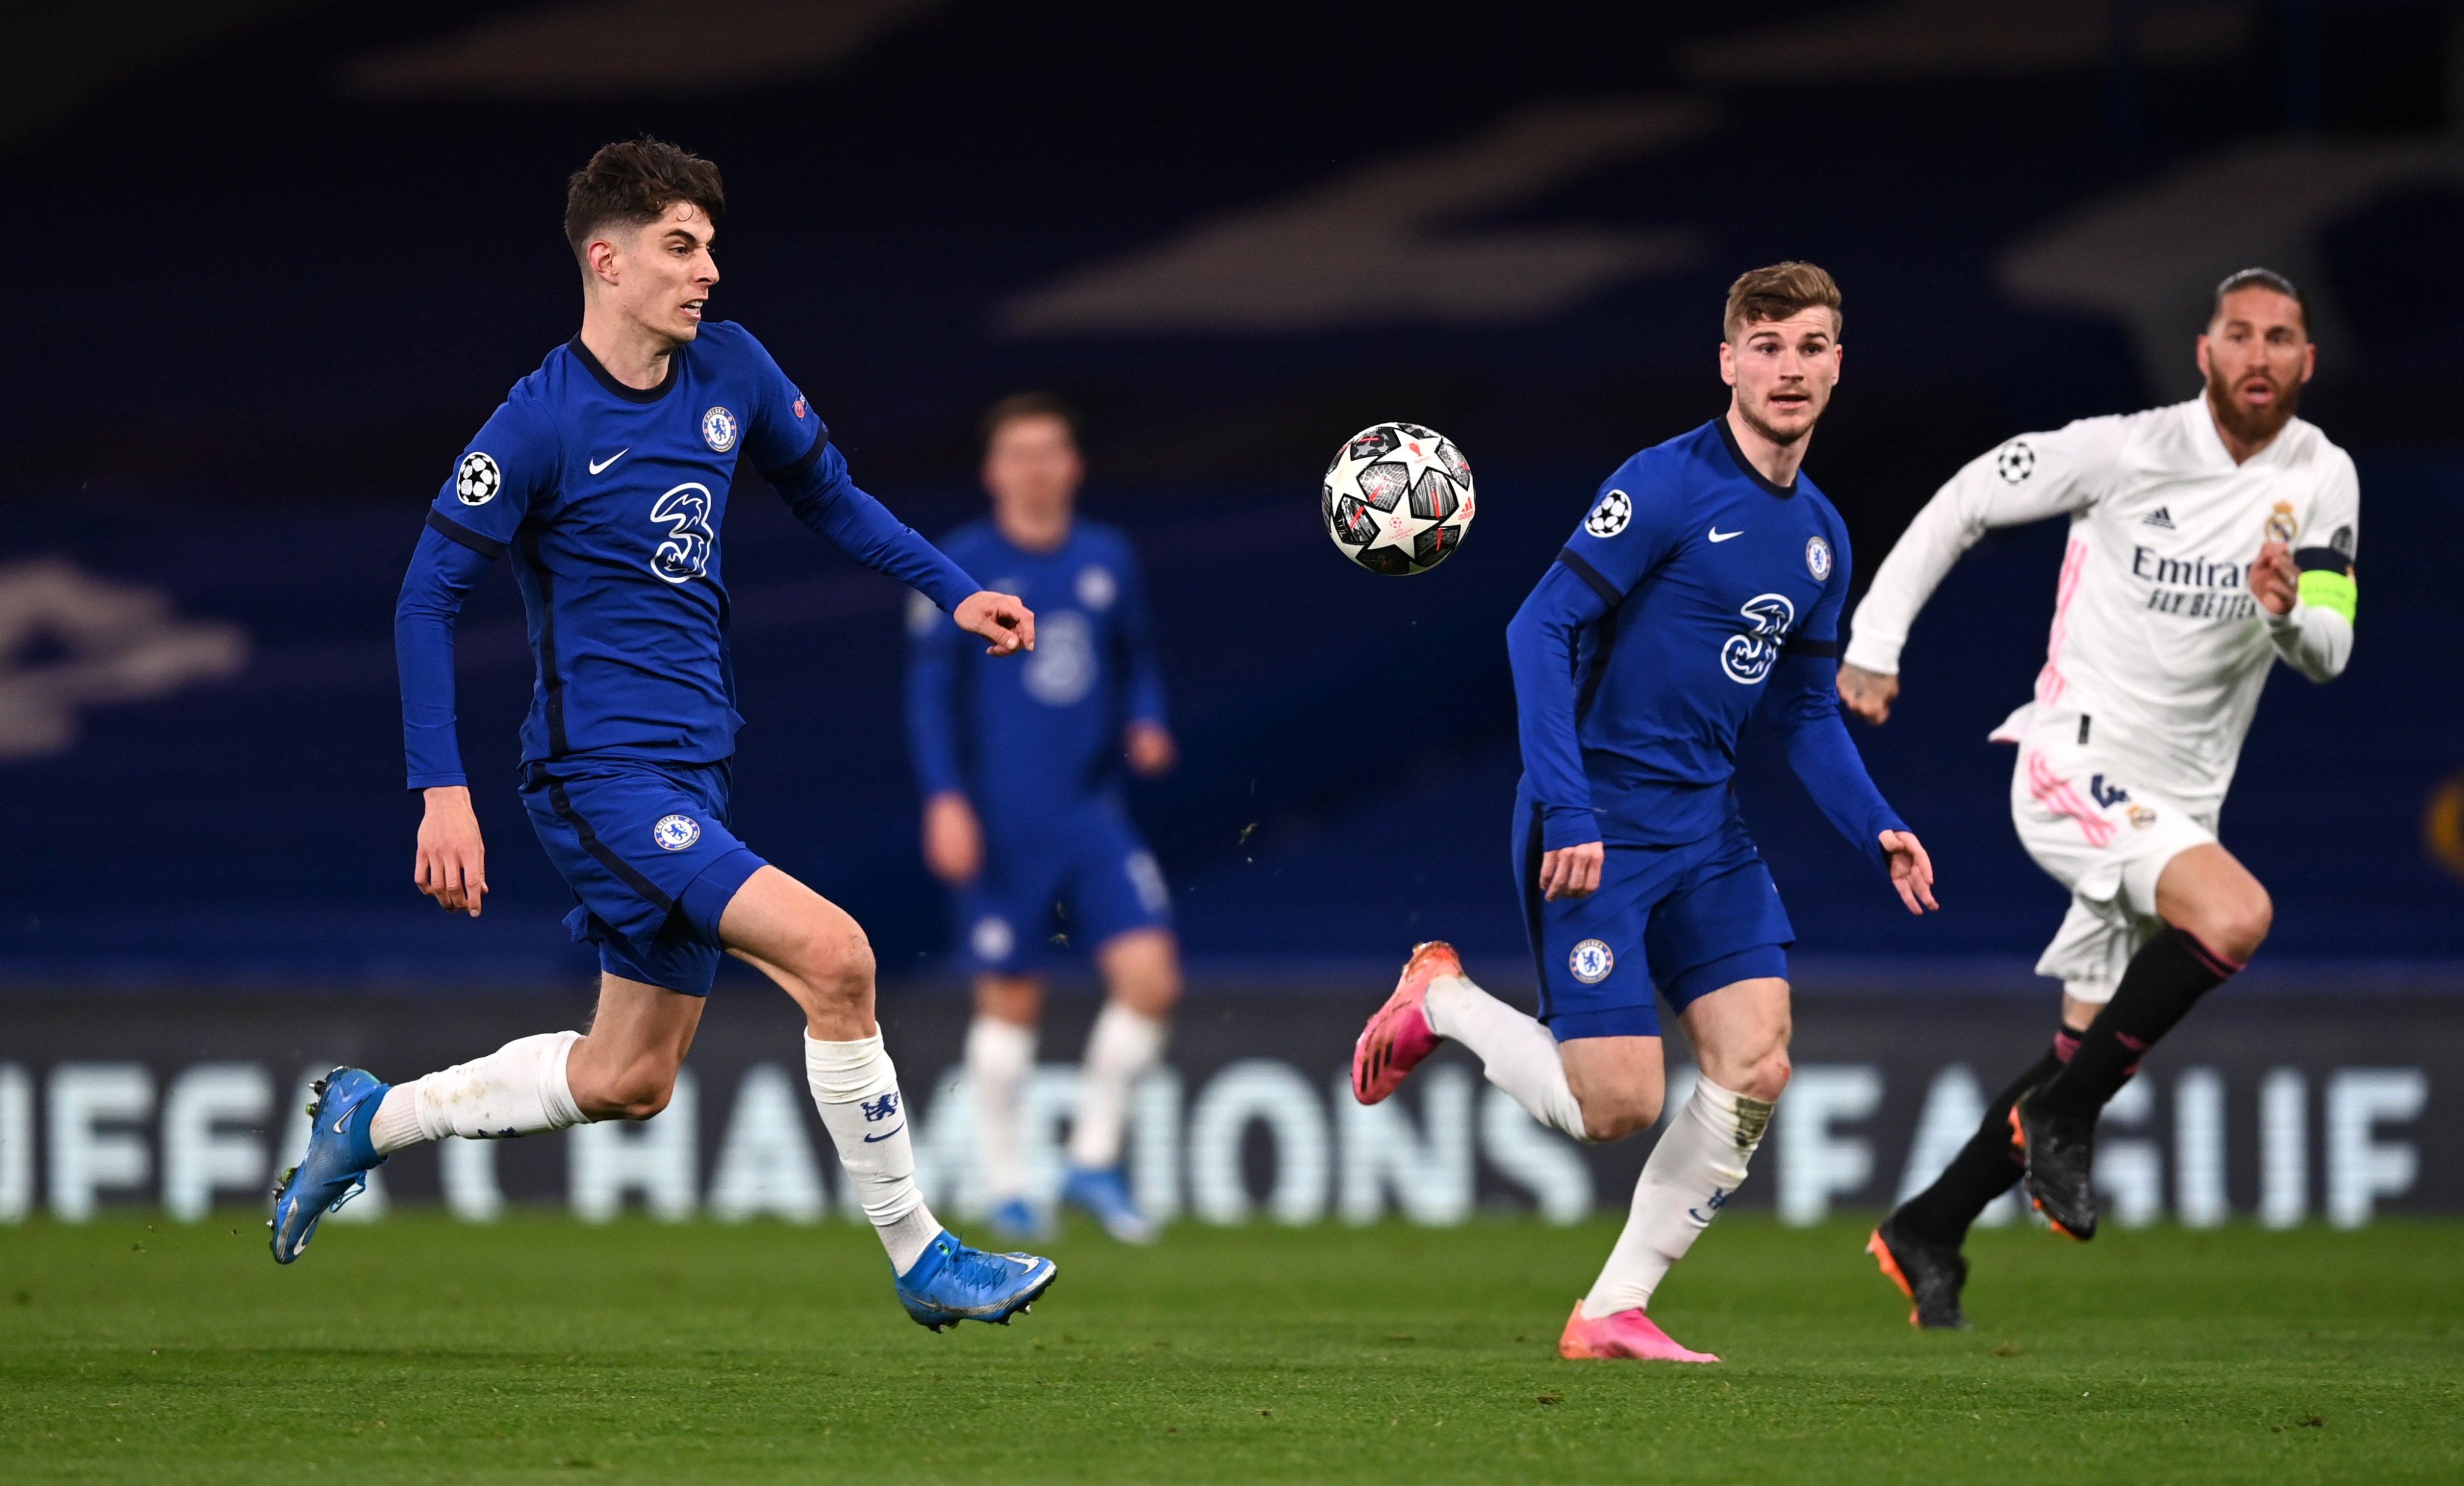 欧冠:维尔纳芒特建功,切尔西总比分3-1皇马晋级决赛